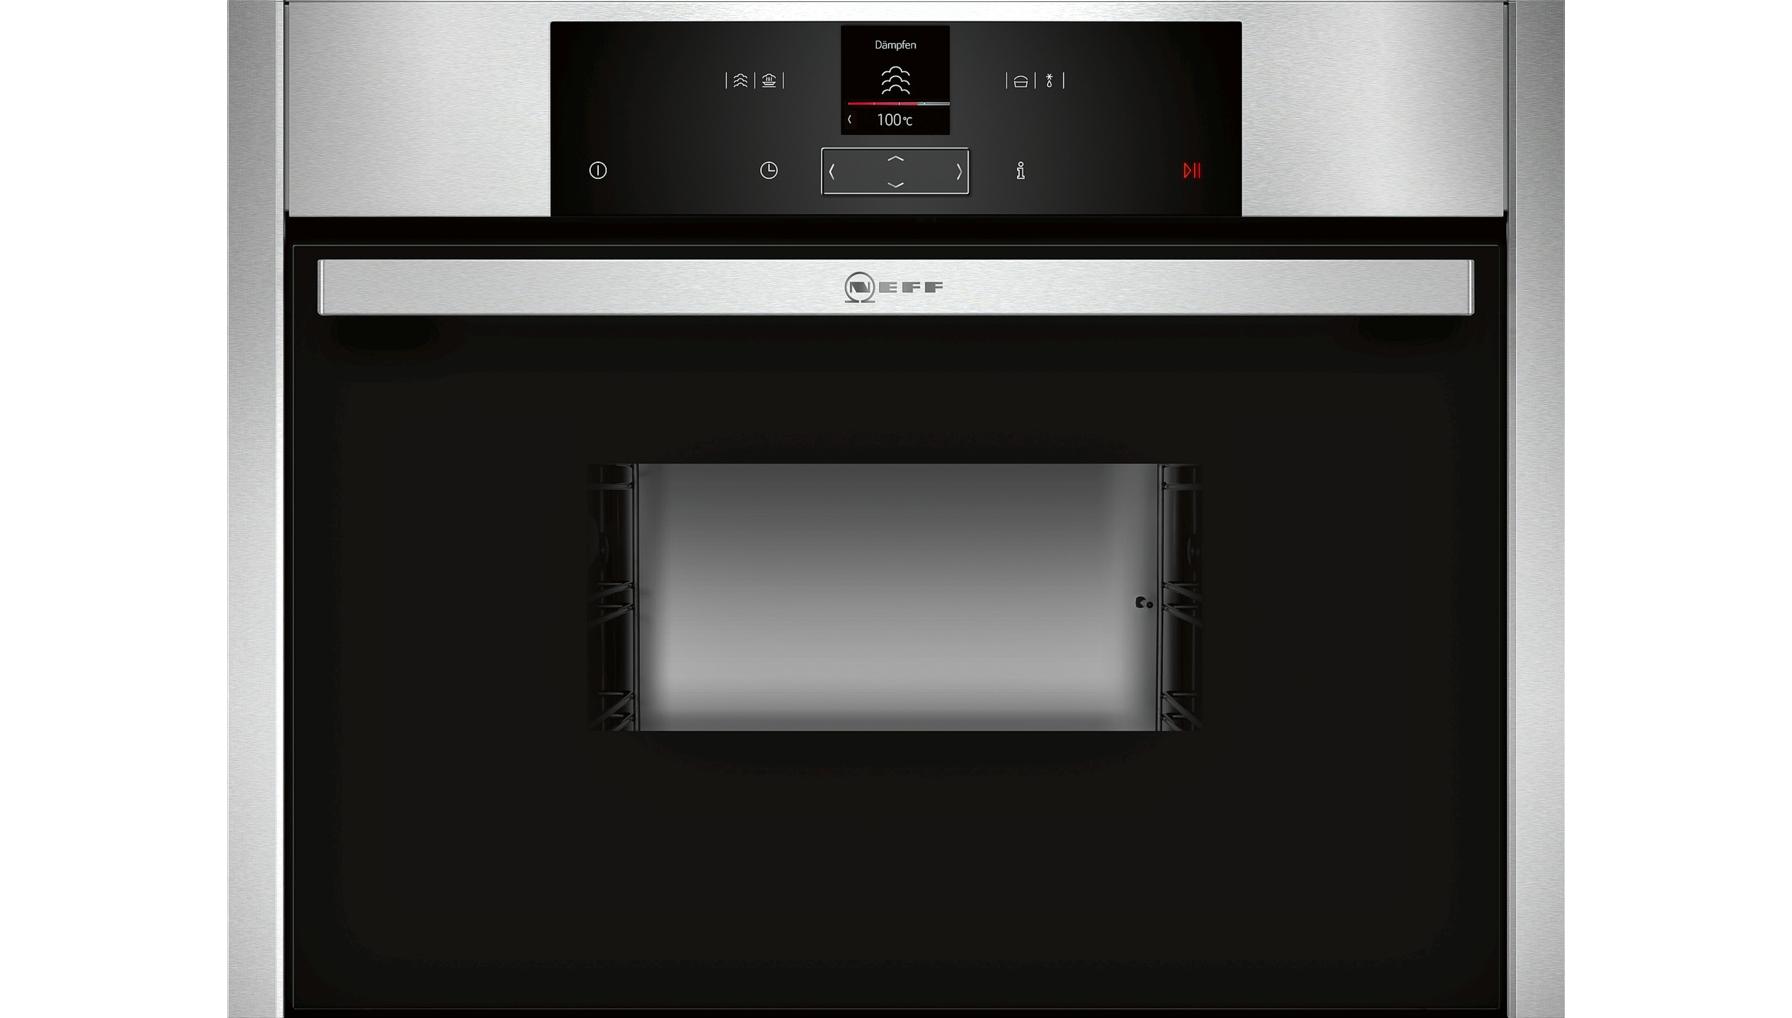 neff produkte dampfgarer dampfgarer c15dr02n0. Black Bedroom Furniture Sets. Home Design Ideas